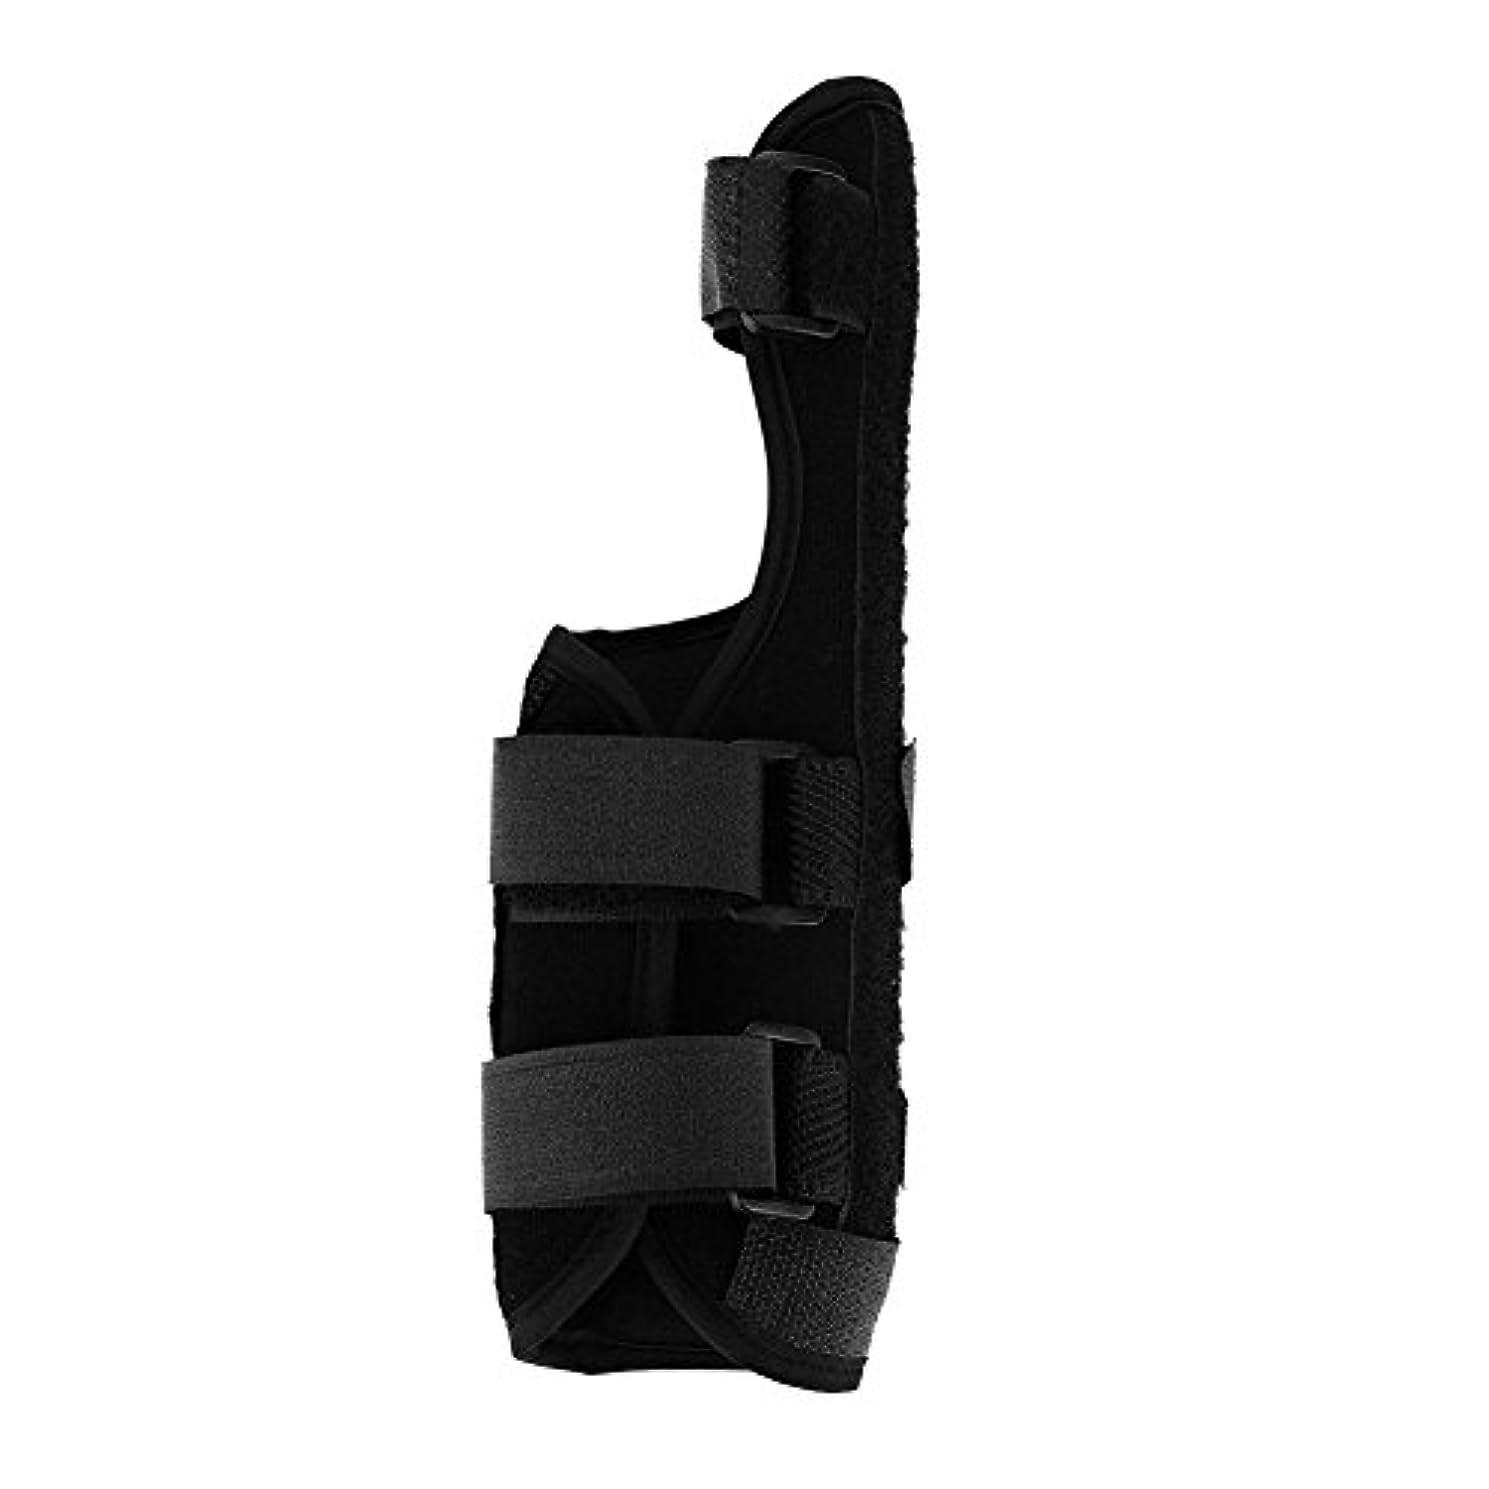 リラックスメリー権利を与える高度な手首ブレース - 手根管手首副子。手根管症候群、手首の痛み、捻挫、RSI、関節炎の即時鎮痛に最適(A la derechaM)